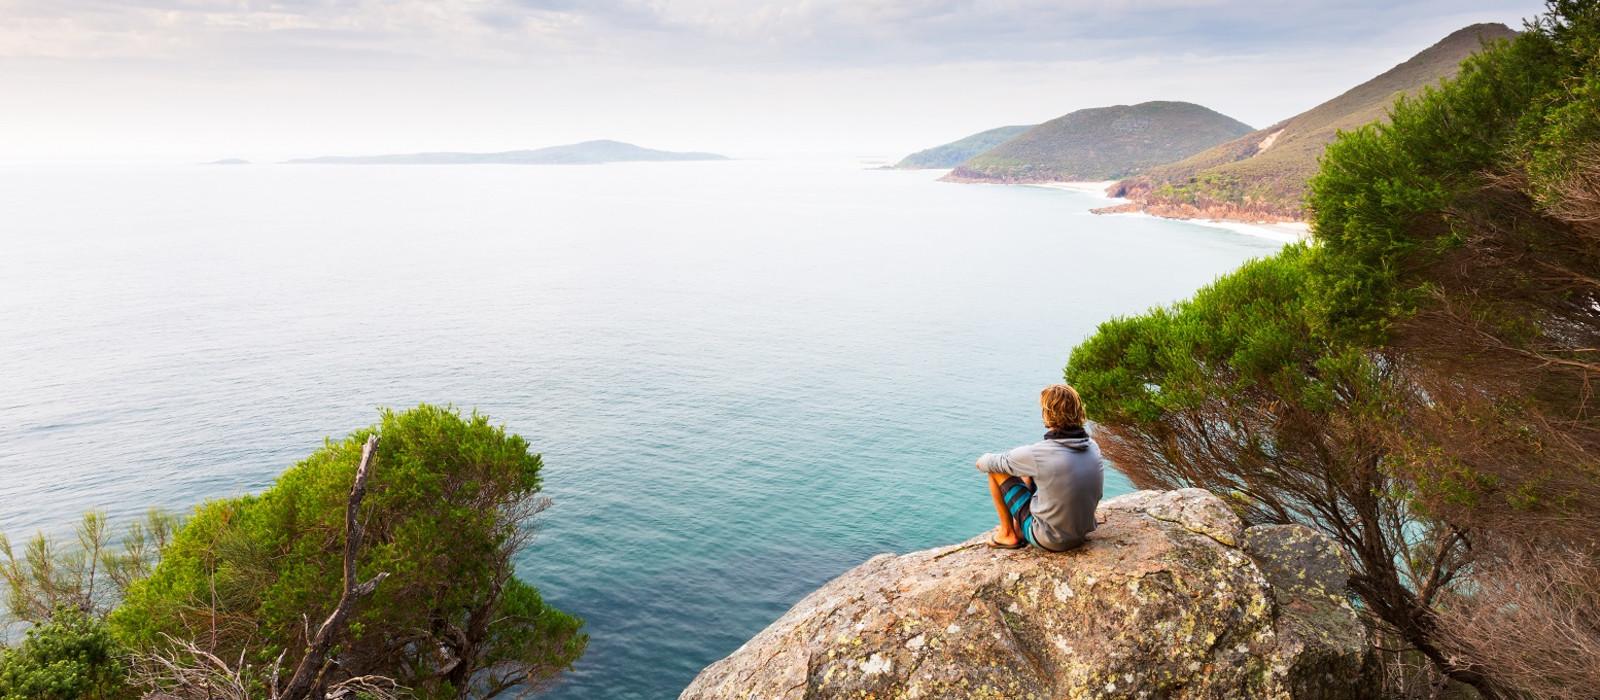 Junger Mann sitzt auf einem Felsen mit Blick Wasser in Newcastle, Australien